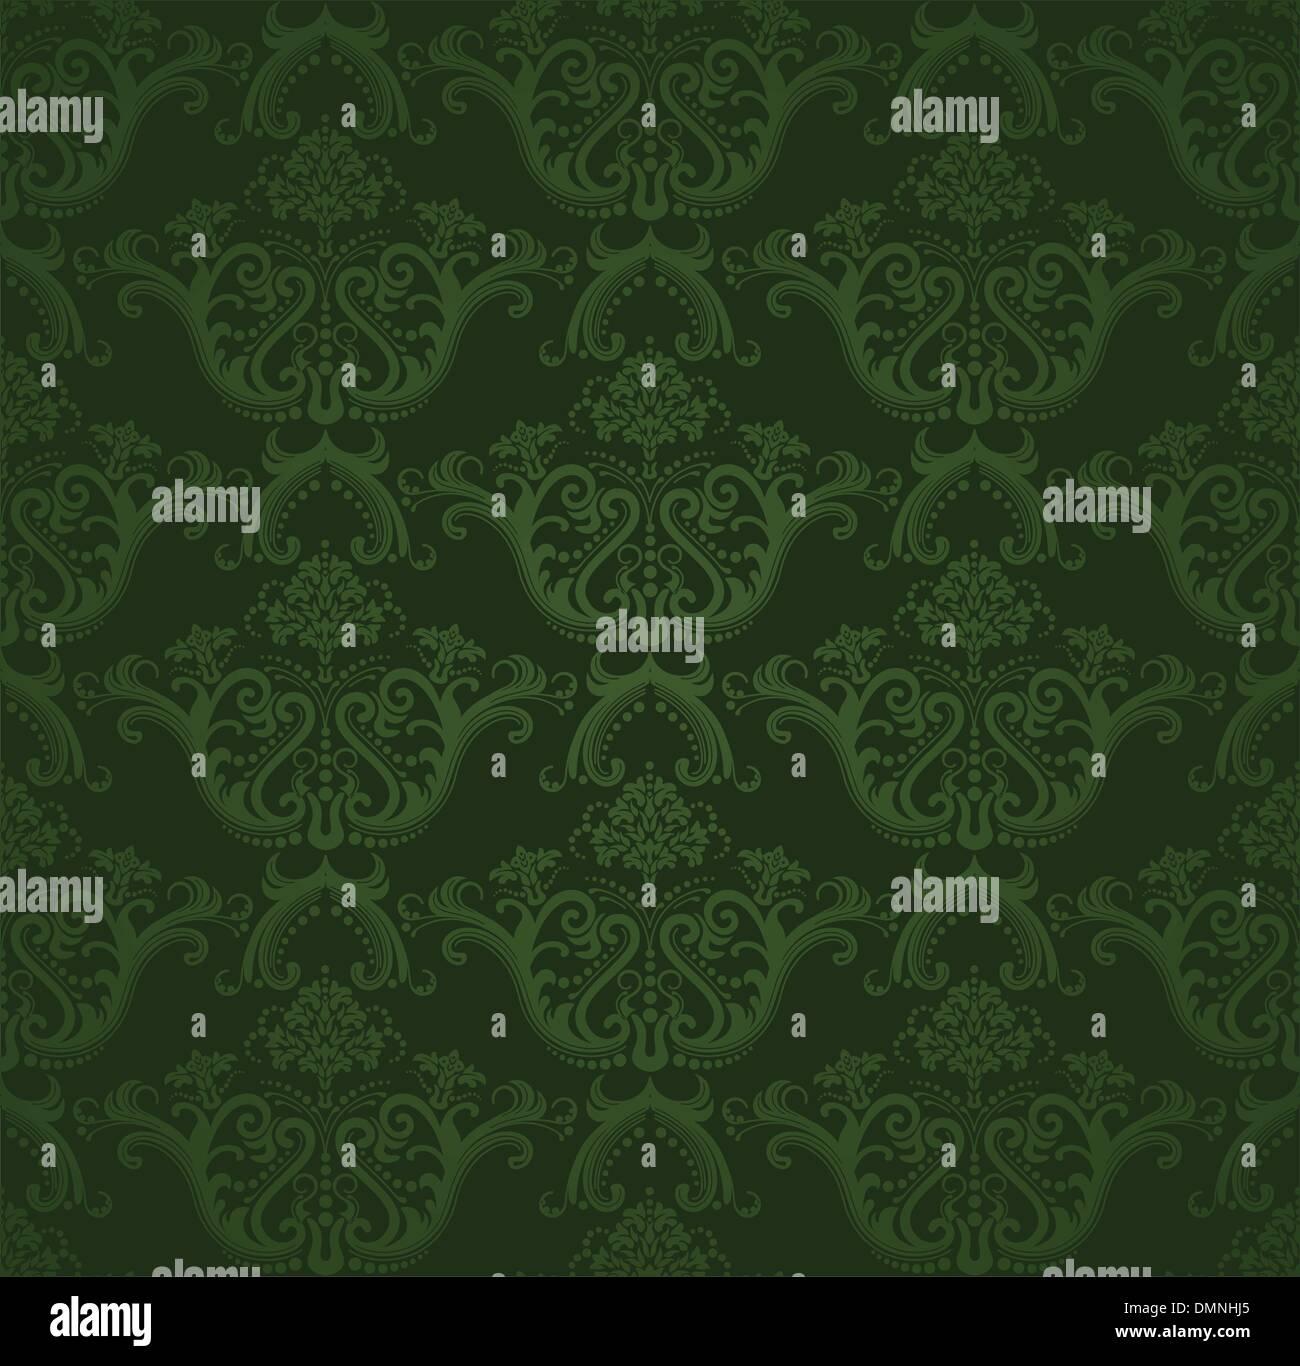 Dark Green Floral Wallpaper Stock Vector Art Illustration